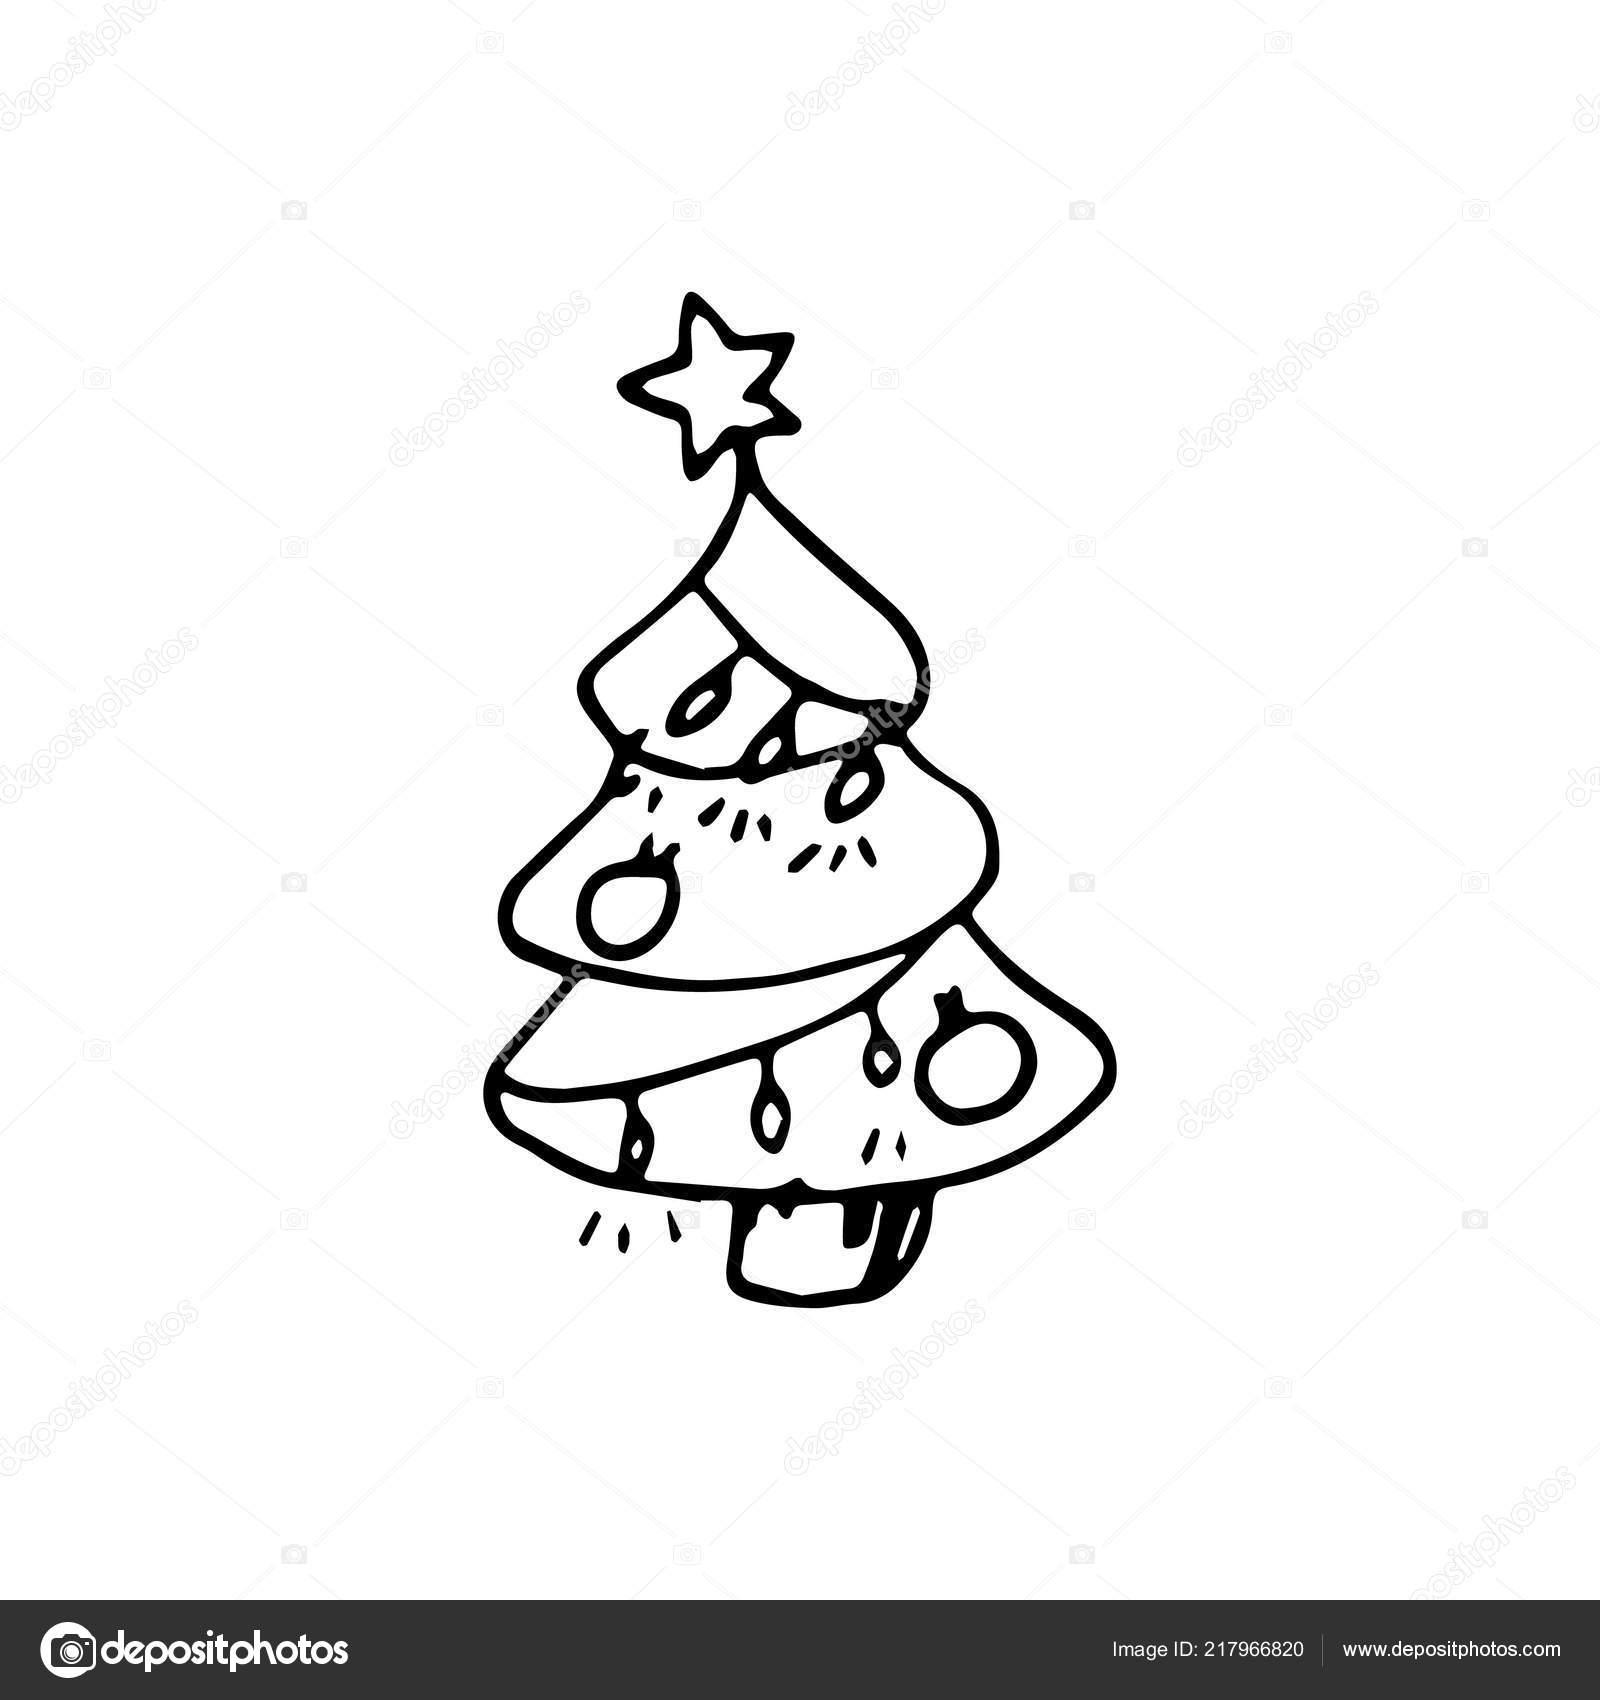 Hand Gezeichnet Weihnachten Baum Doodle Skizze Stil Ikone ...